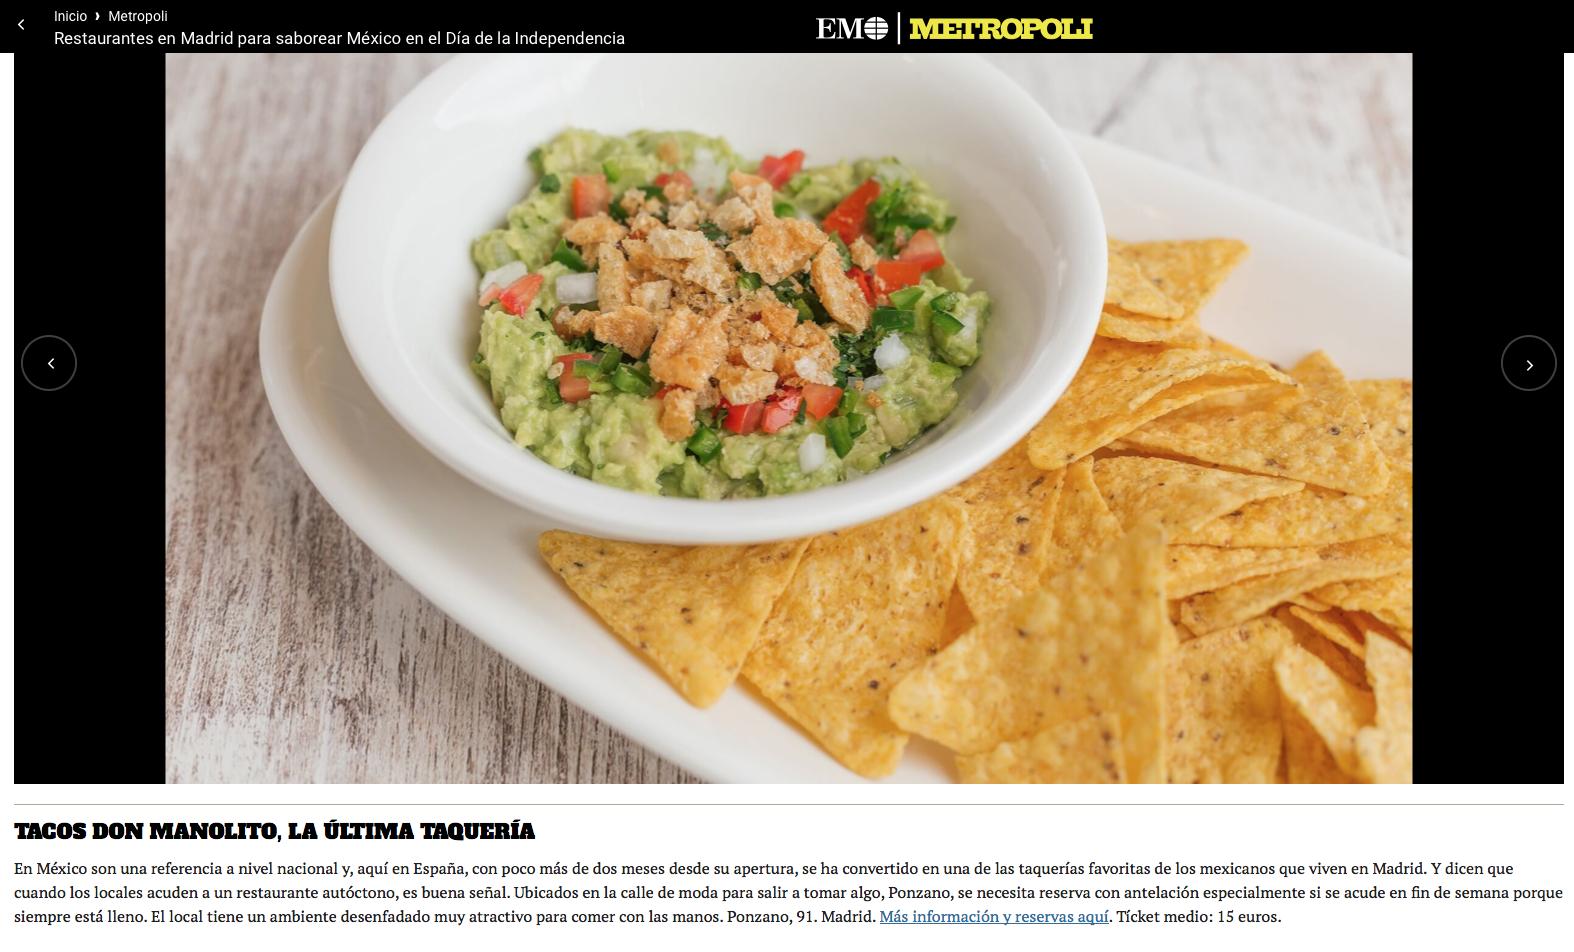 El Mundo Metropoli Tacos Don Manolito